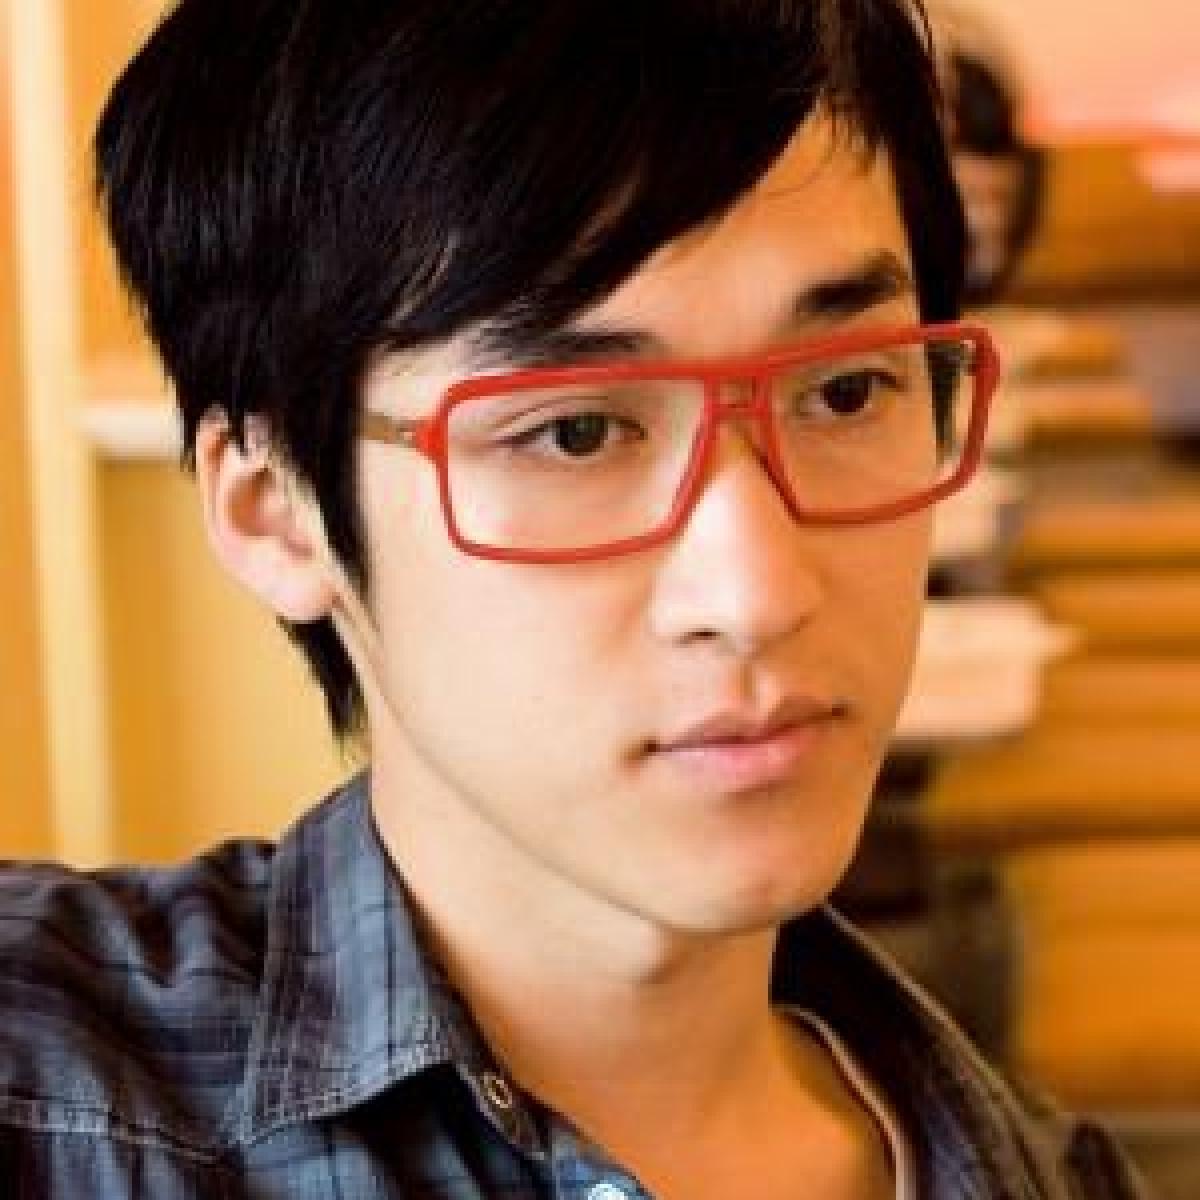 Kantig oder länglich: Die richtige Brille zum Gesicht - Promis ...